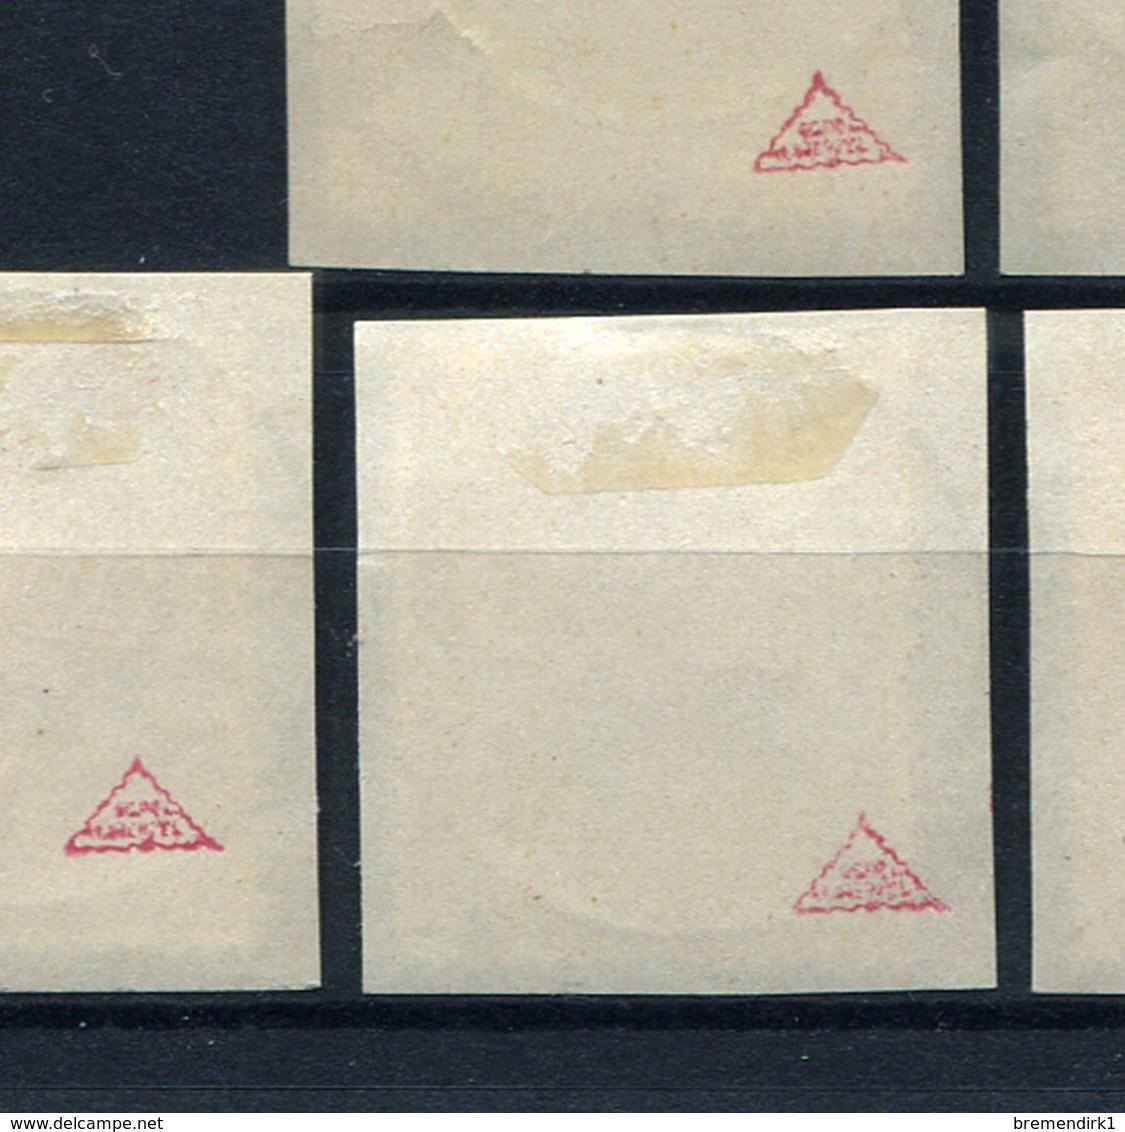 42729) OBERSCHLESIEN Frz. Besatzungsbehörde 27 Werte Mit Altprüfung 1926 Max Haertel - Deutschland